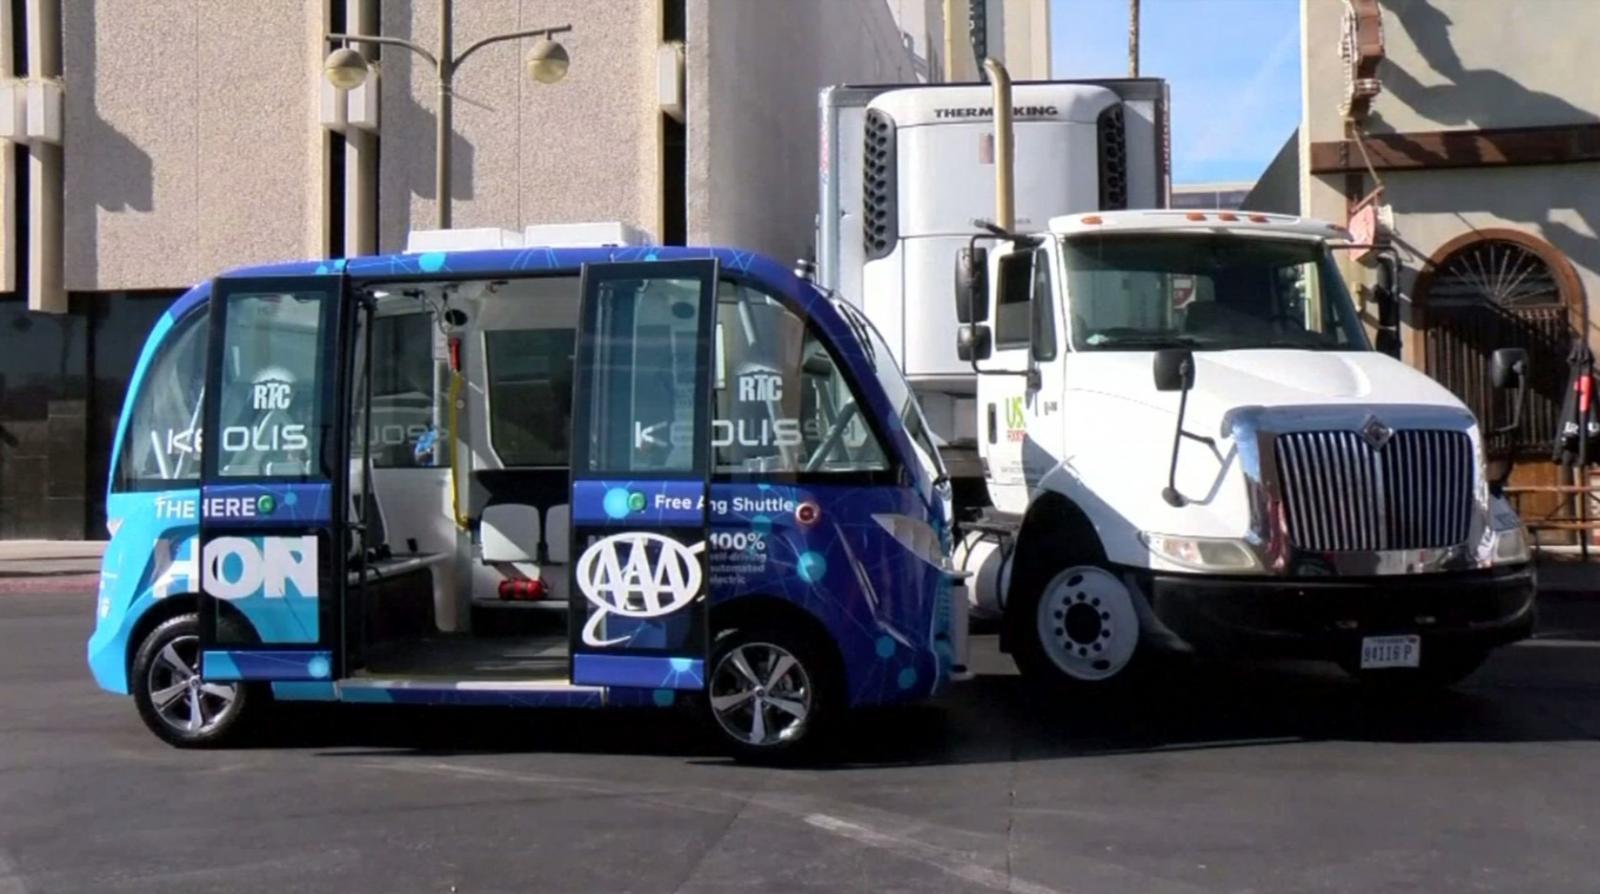 รถบัสไร้คนขับที่ลาสเวกัสเกิดอุบัติเหตุตั้งแต่ใช้งานวันแรก